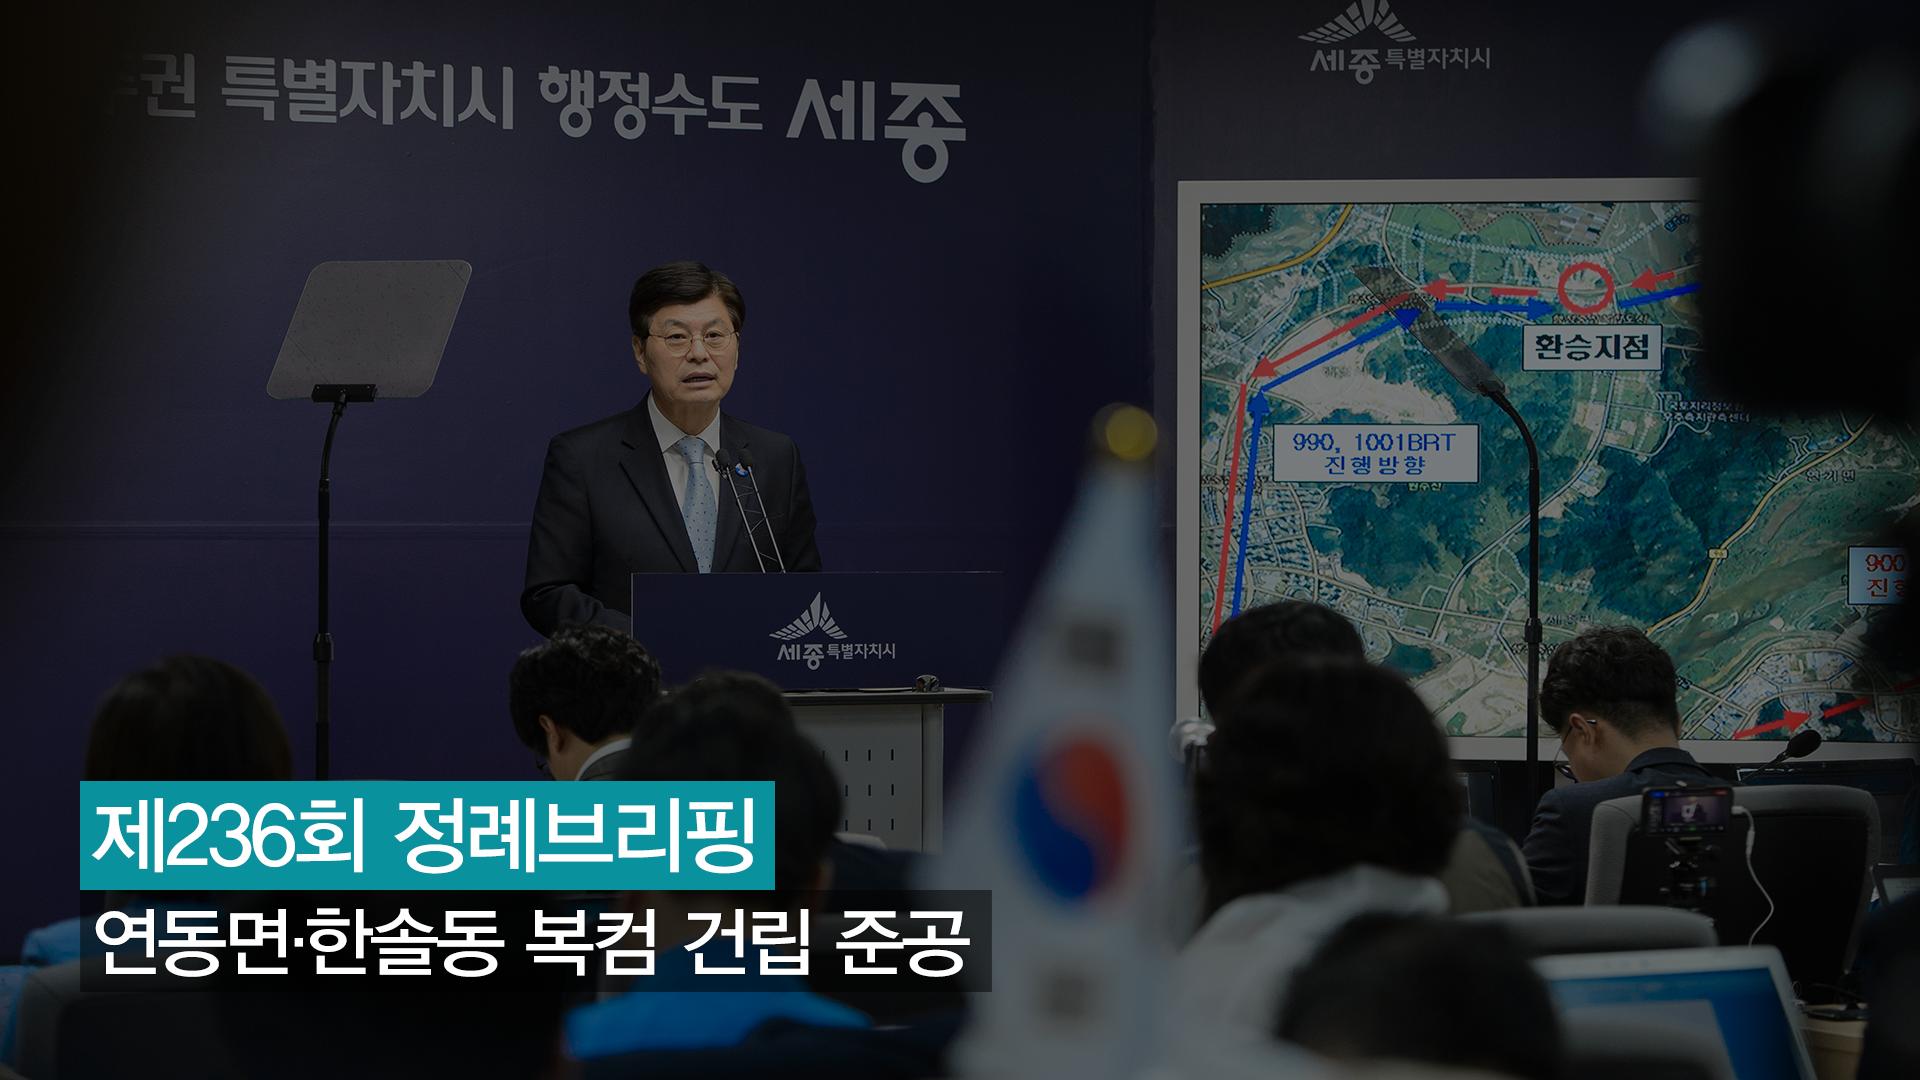 <236번째 정례브리핑> 연동면 한솔동 복컴 건립 준공